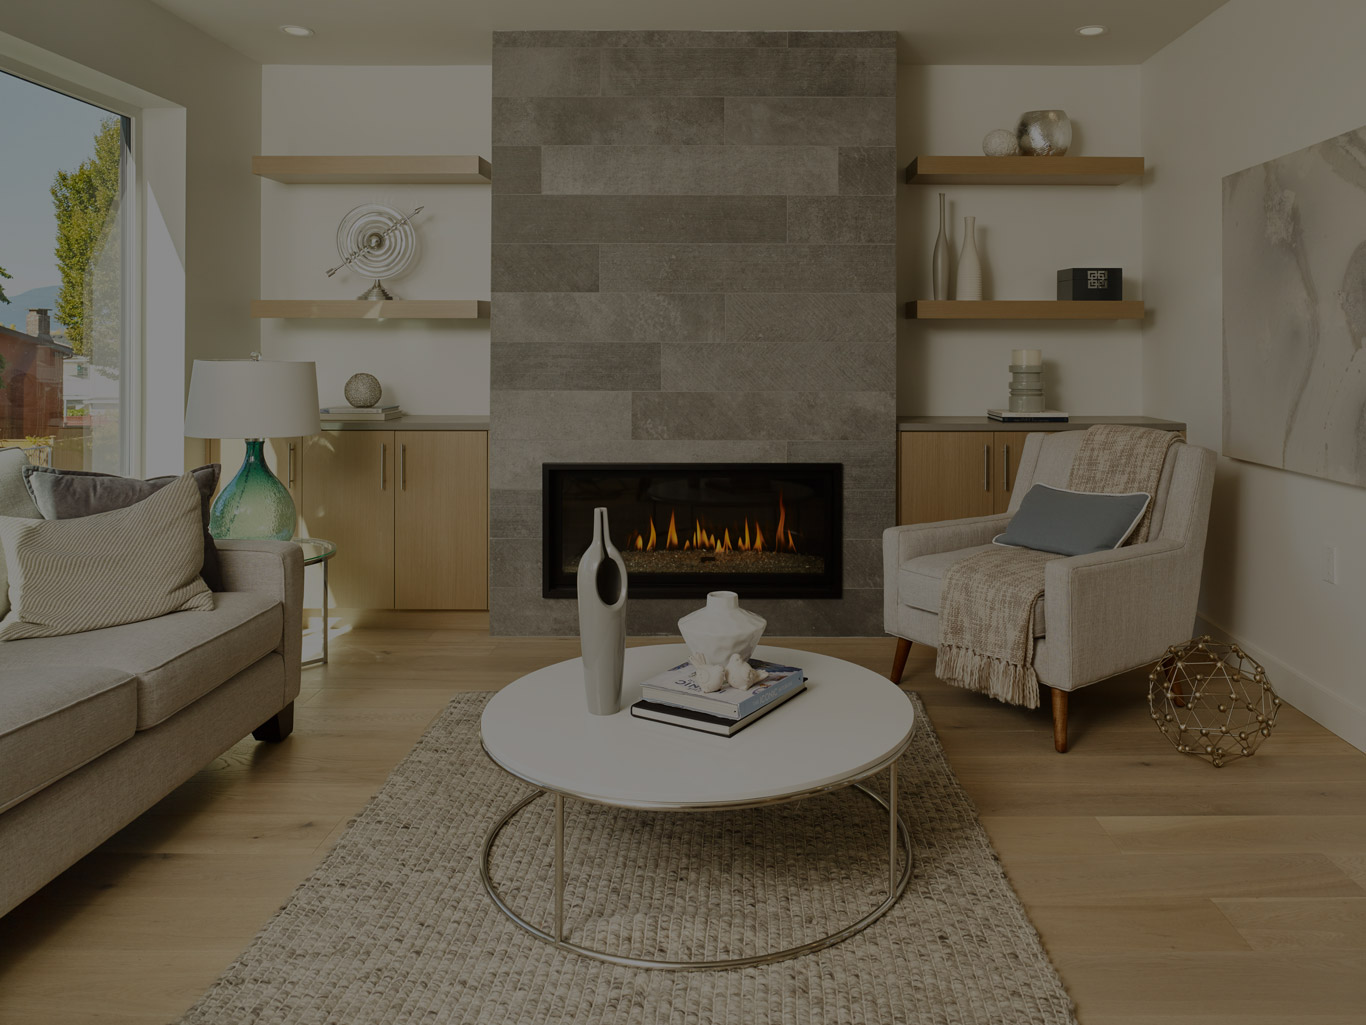 Ross Street - Single Family Residential Home